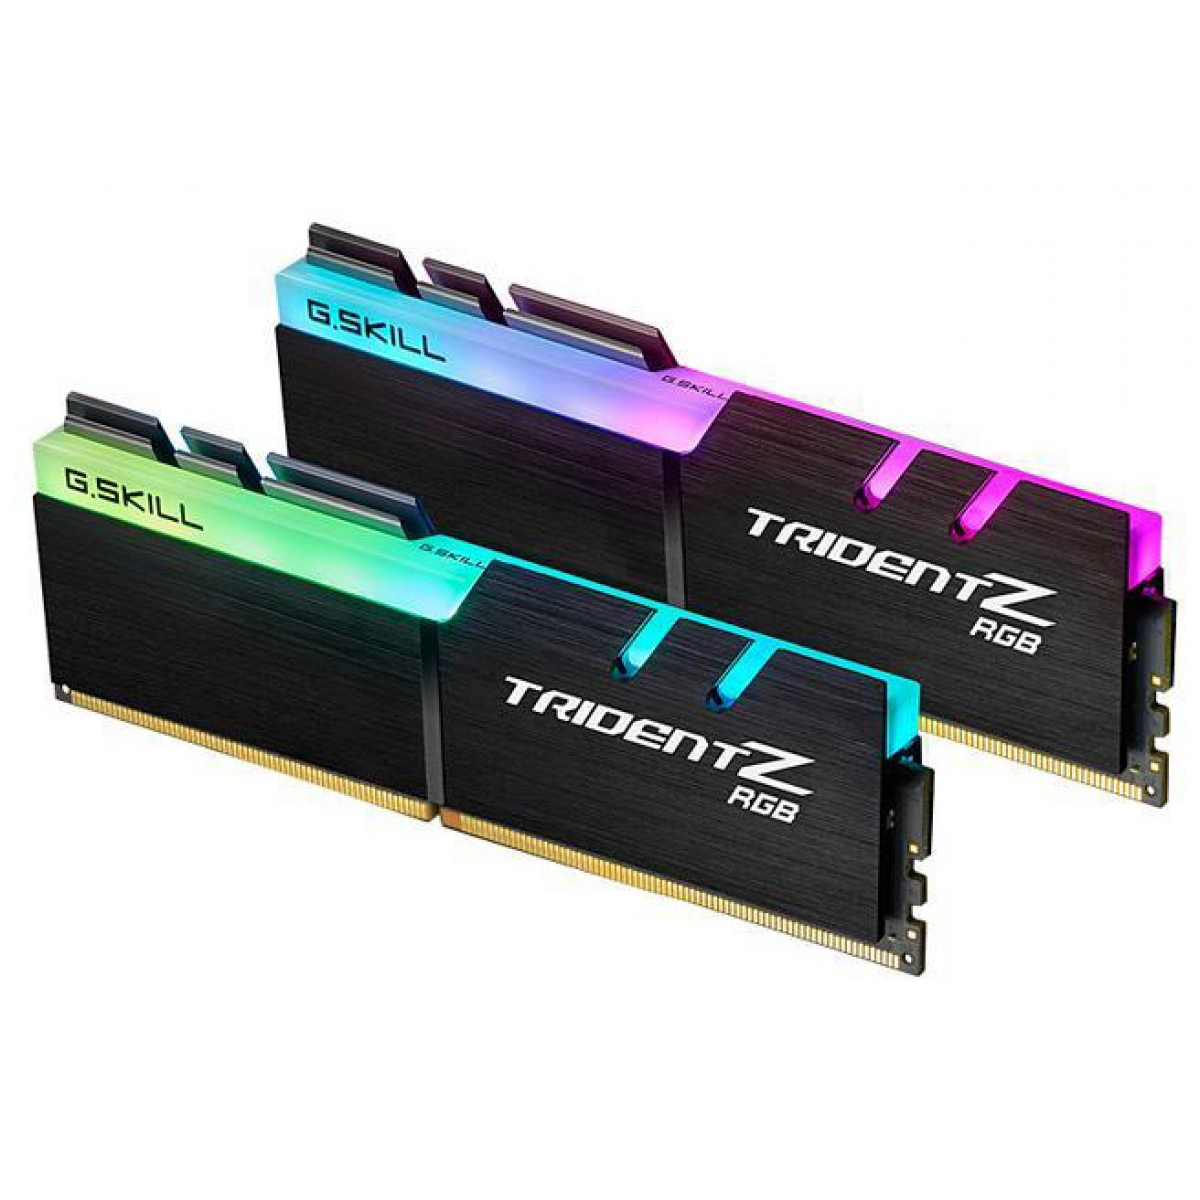 Memória DDR4 G.Skill Trident Z, RGB, 16GB (2x8GB) 2400MHz, F4-2400C15D-16GTZRX